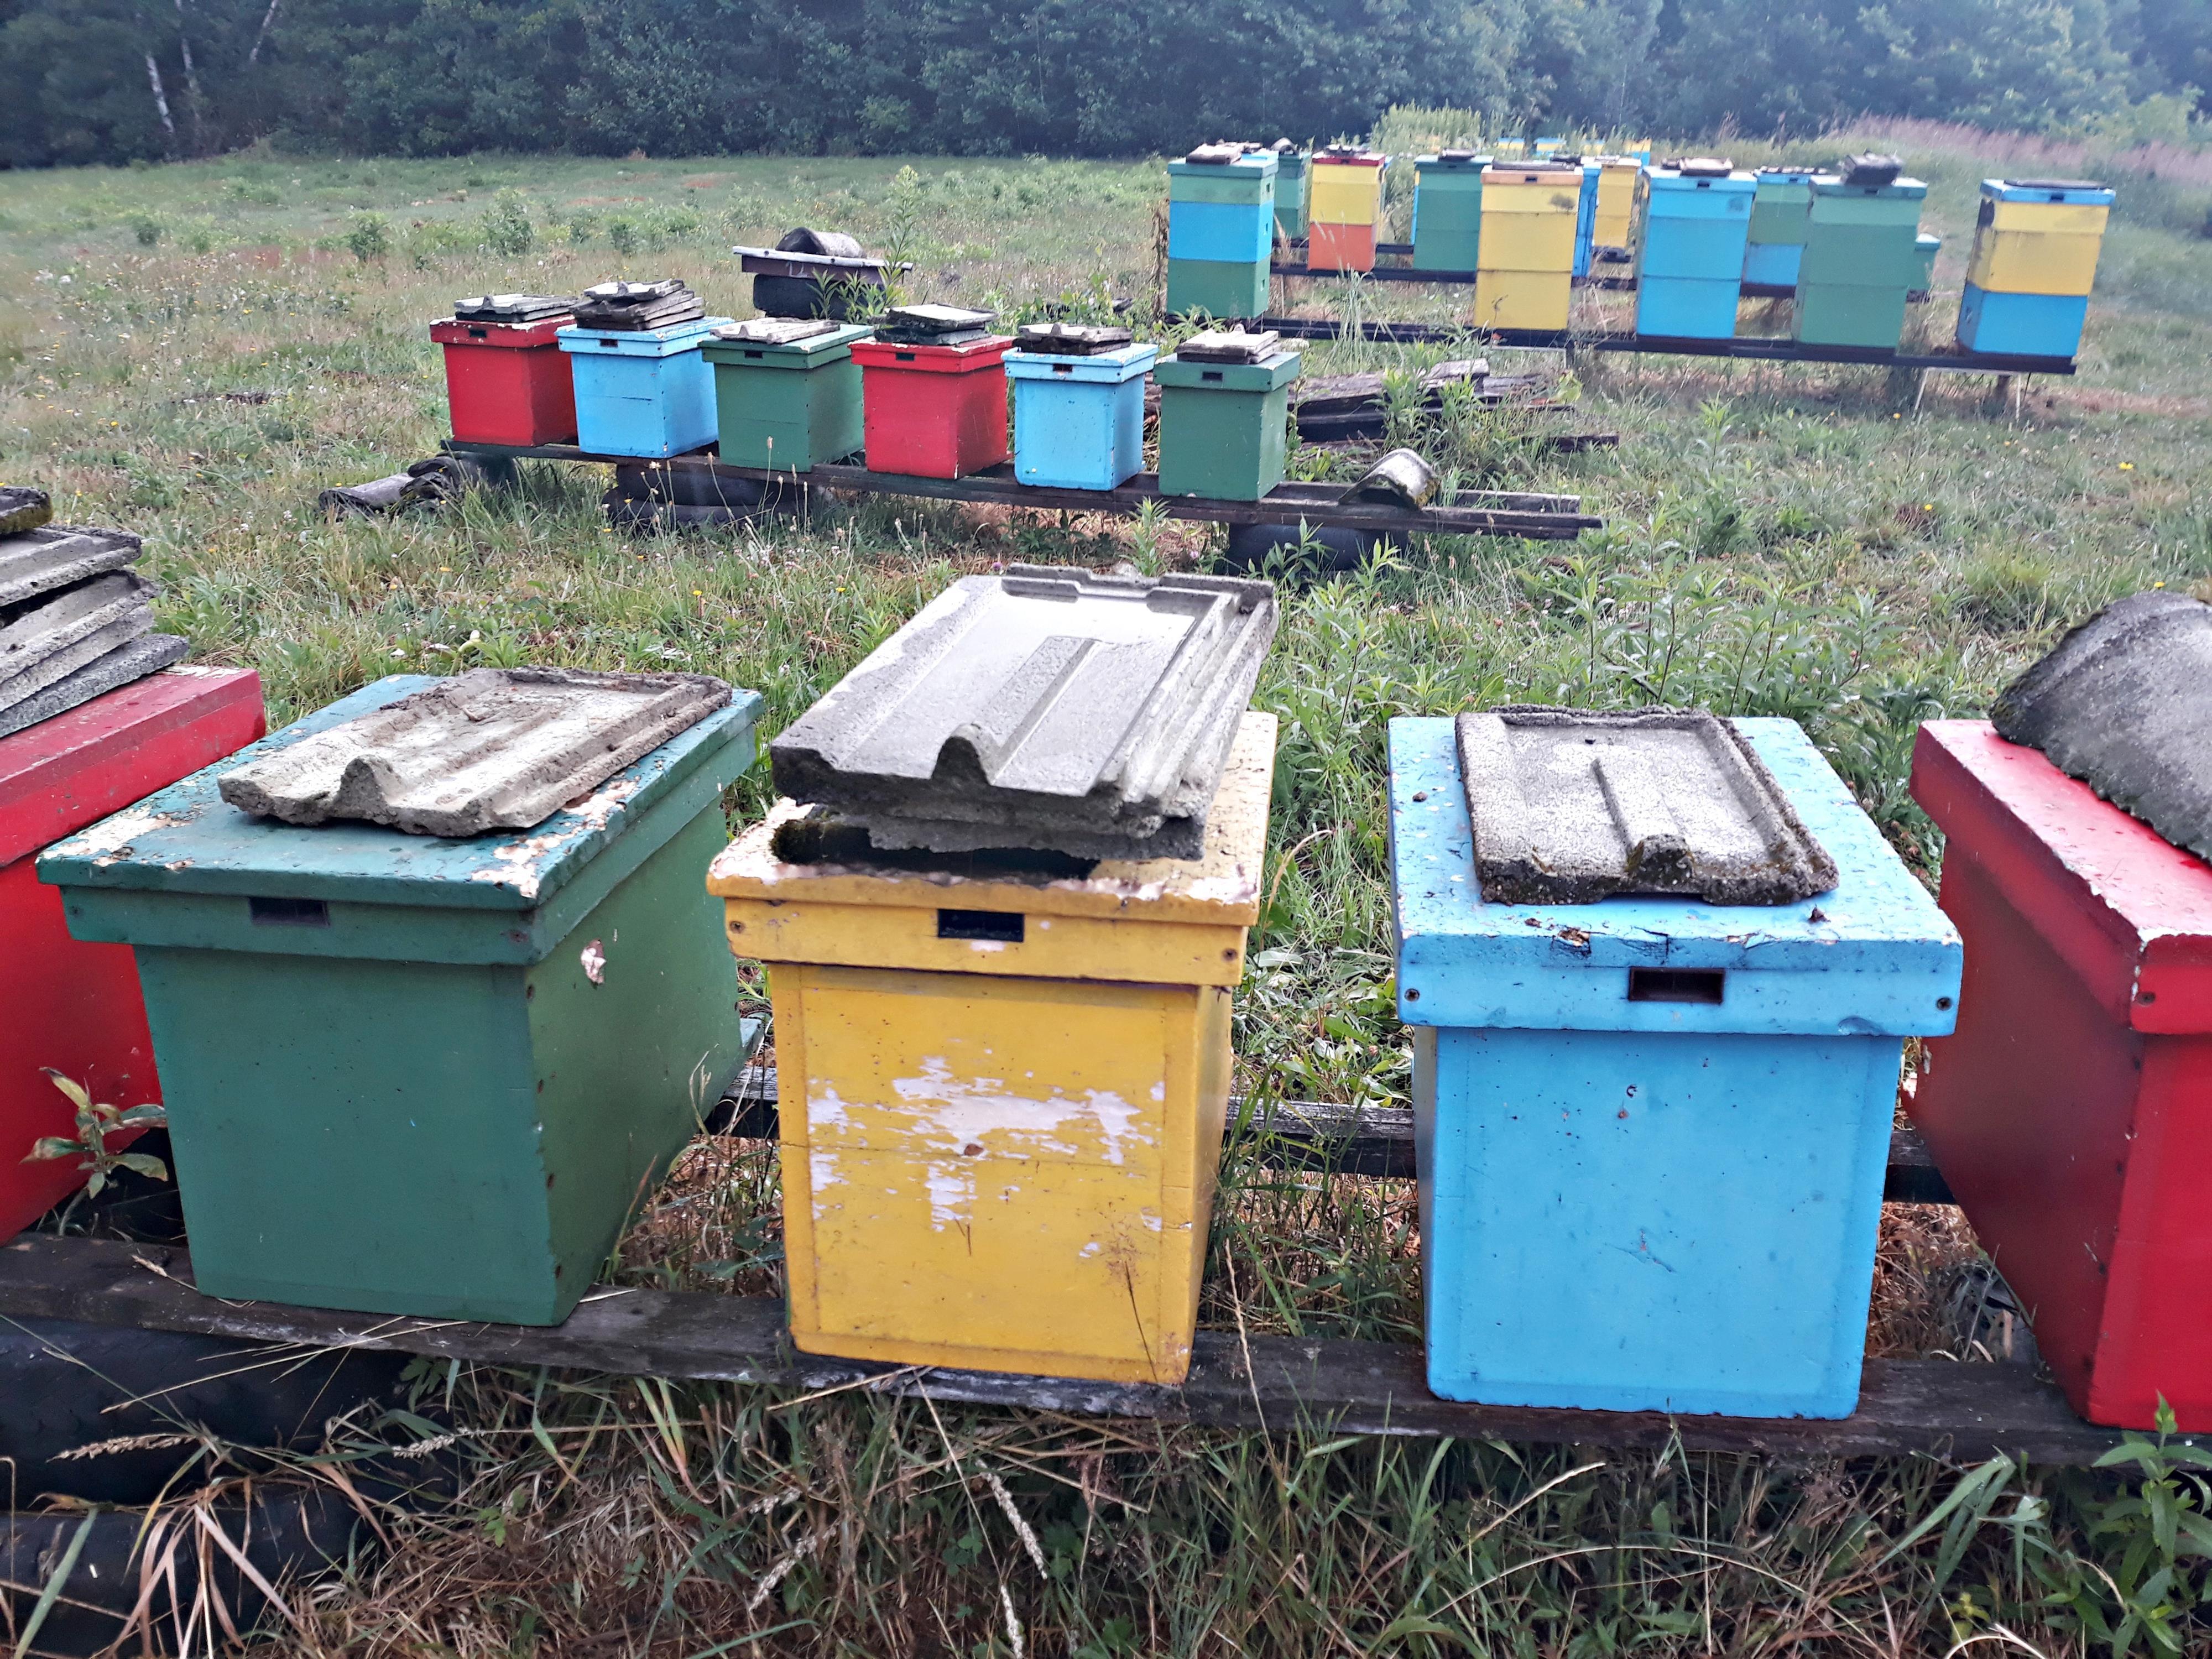 Nie znaleziono sprawcy otrucia milionów pszczół. Policja zakończyła postępowanie